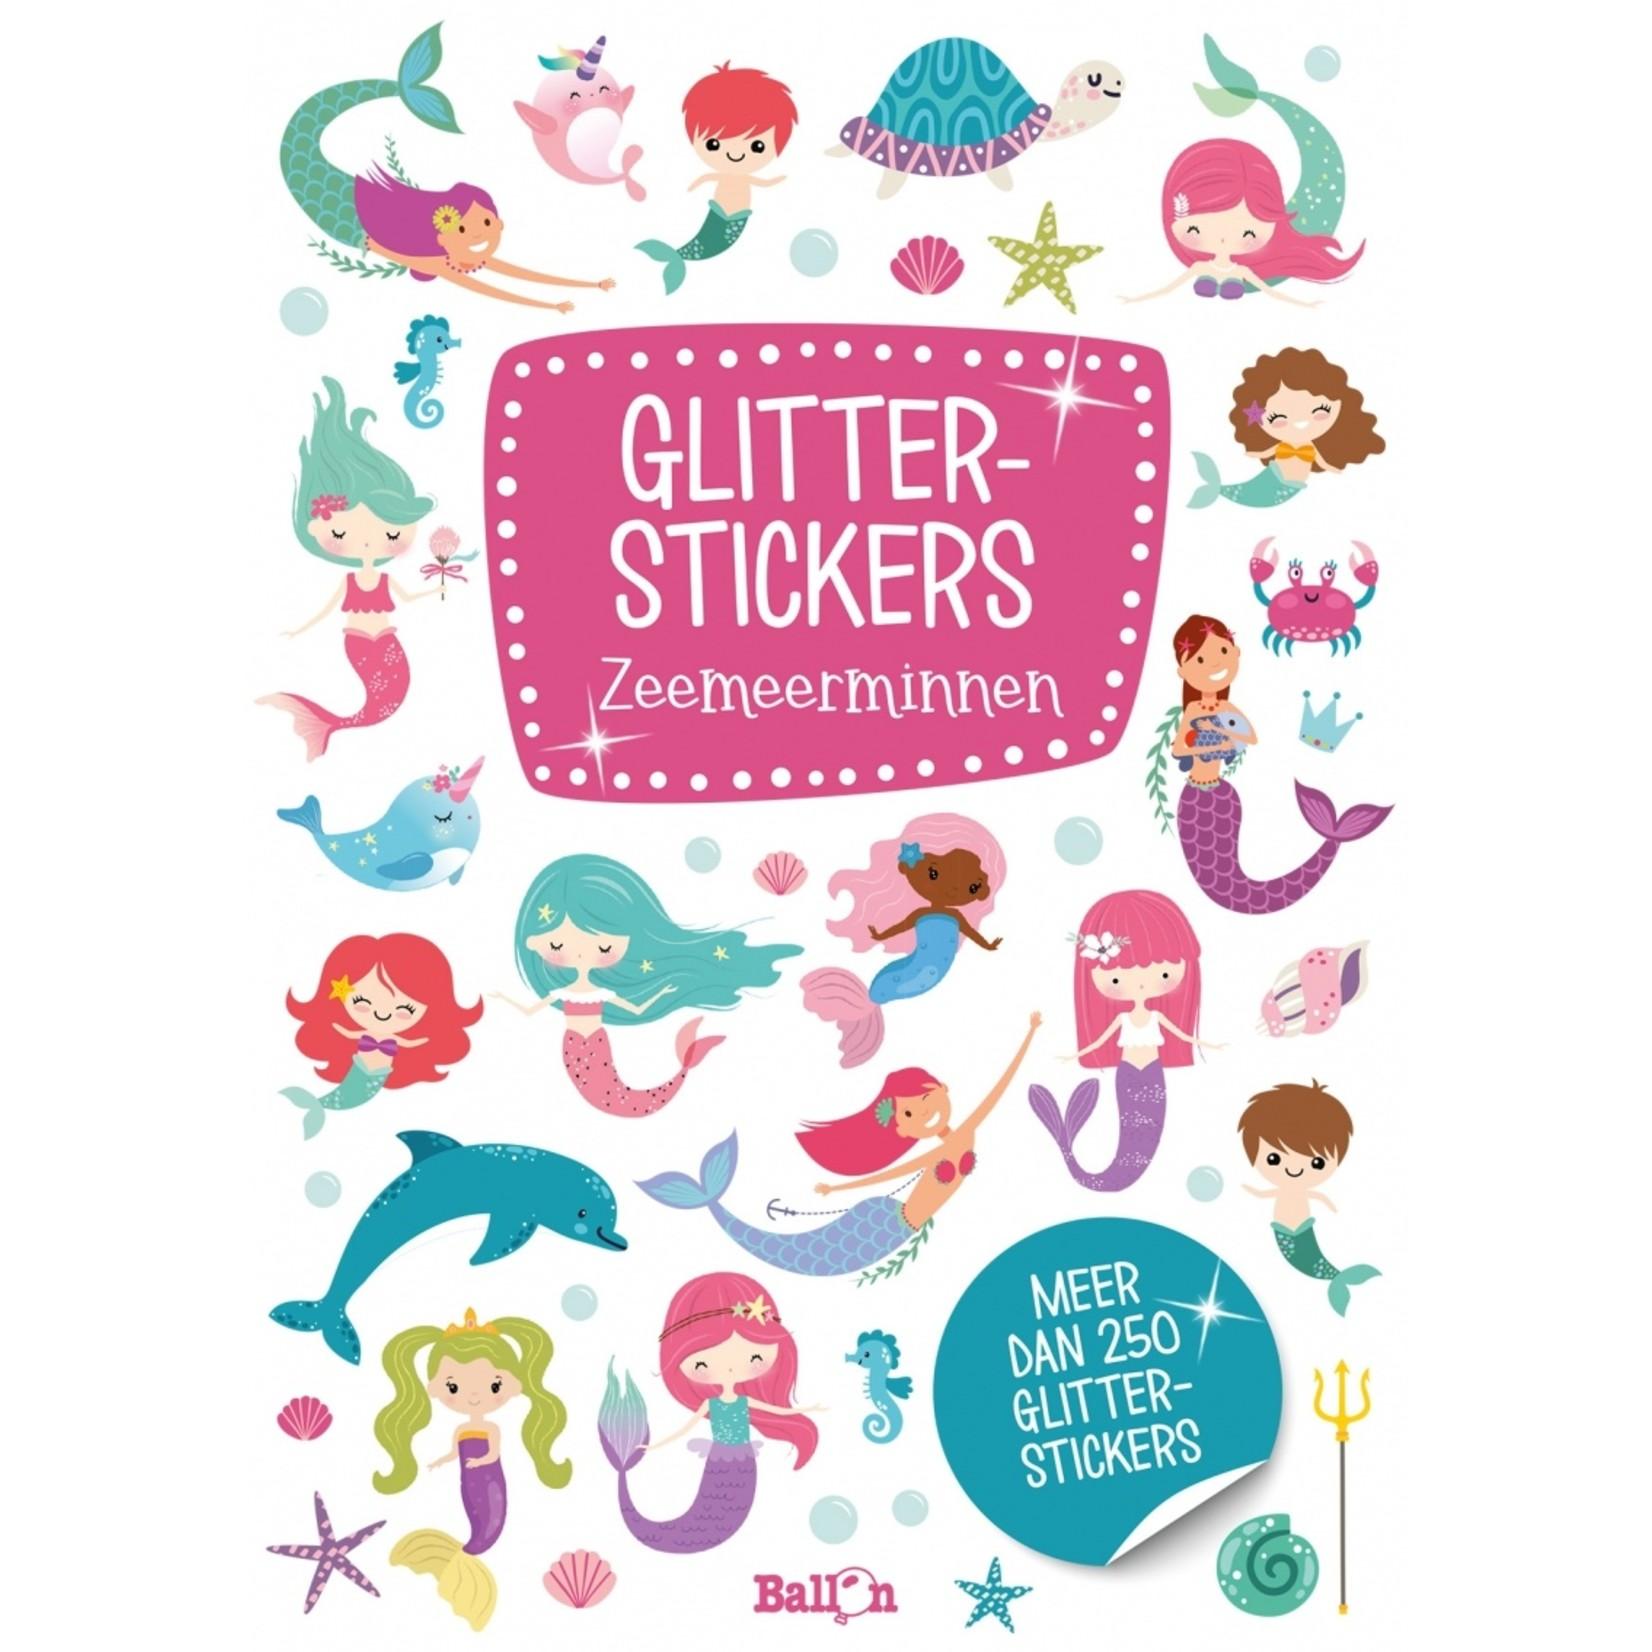 Glitterstickers Zeemeerminnen